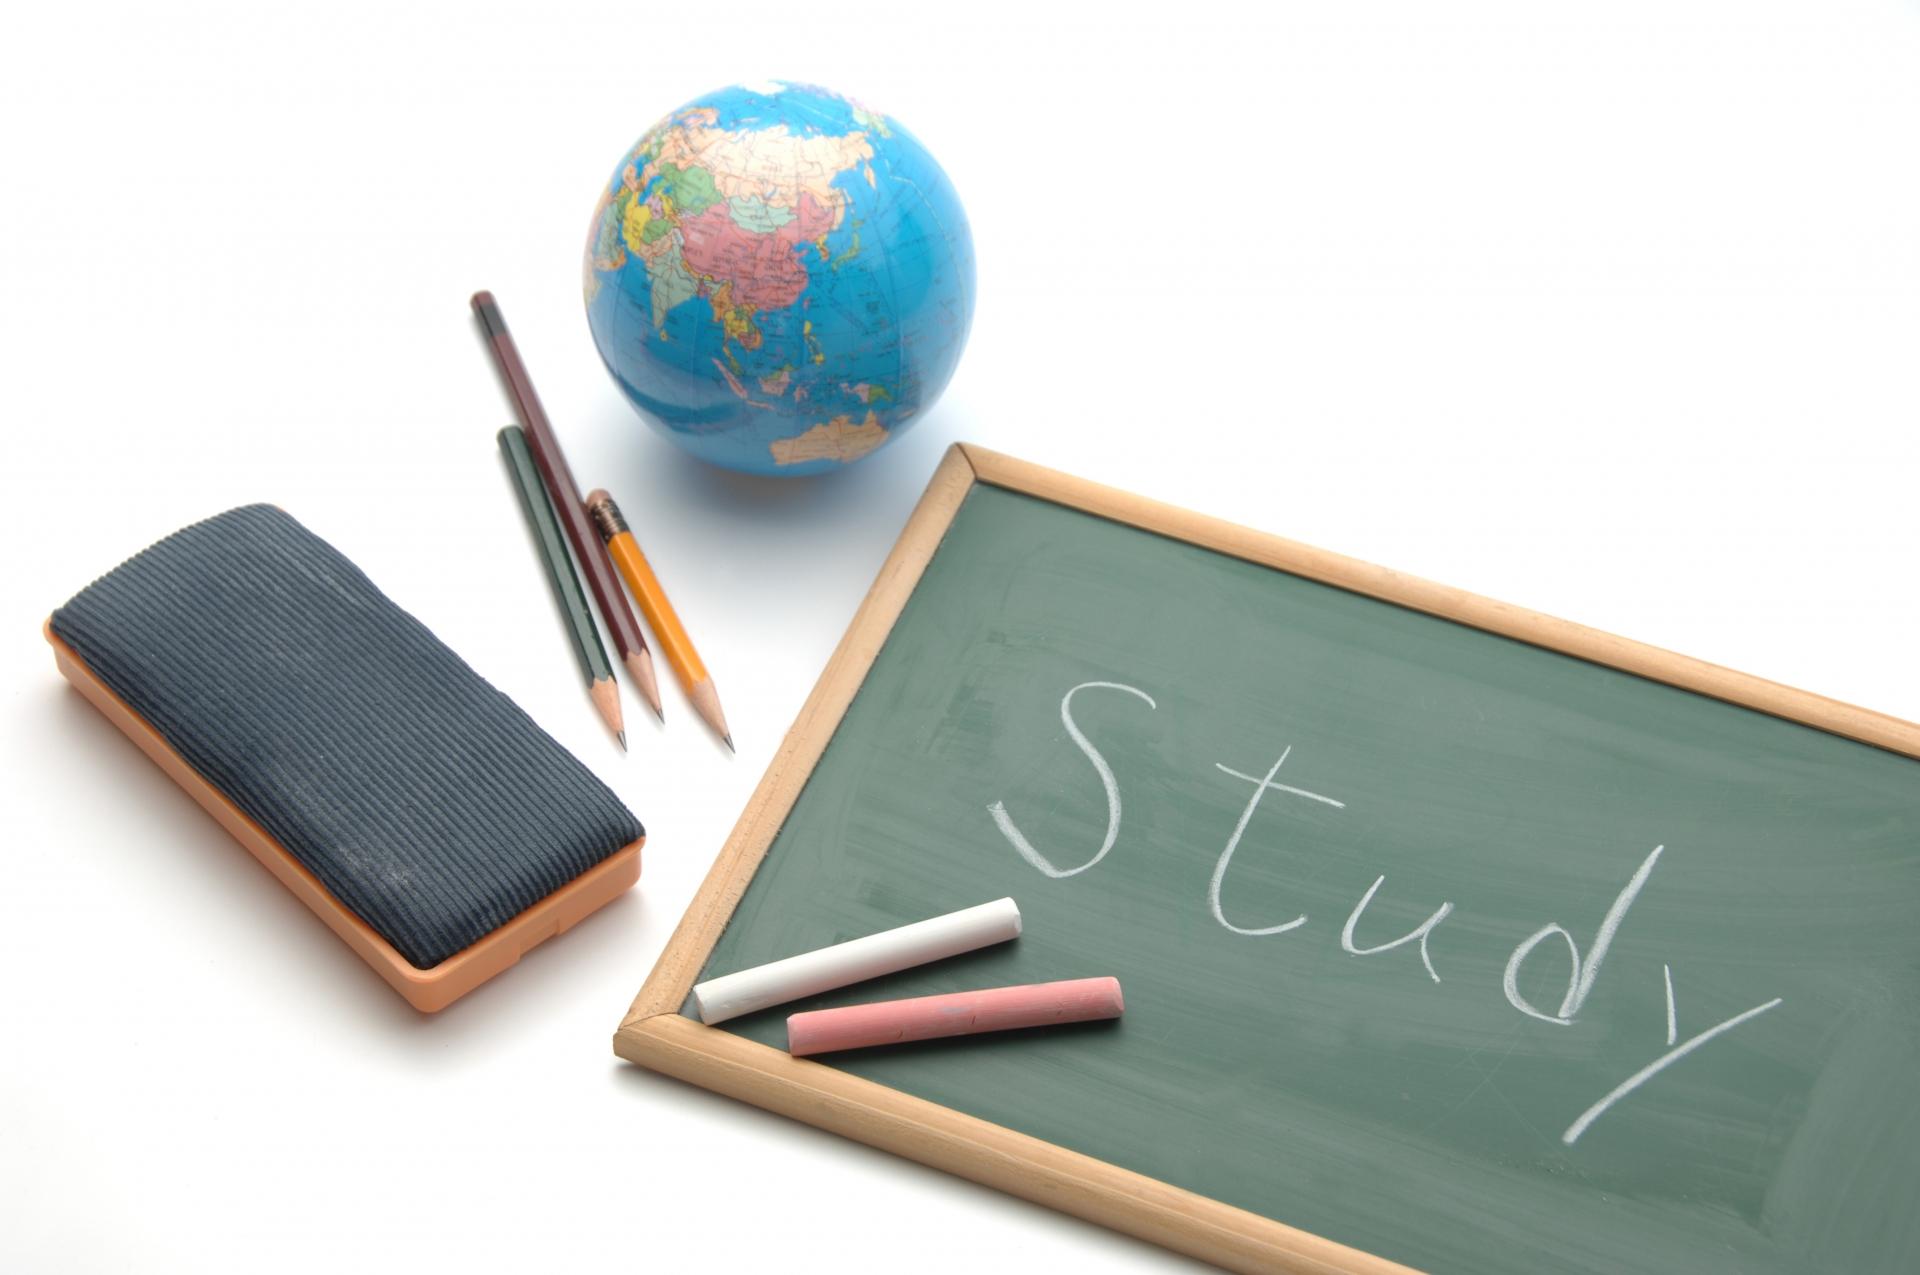 【アルバイト体験談インタビュー】家庭教師として子どもに勉強を教える